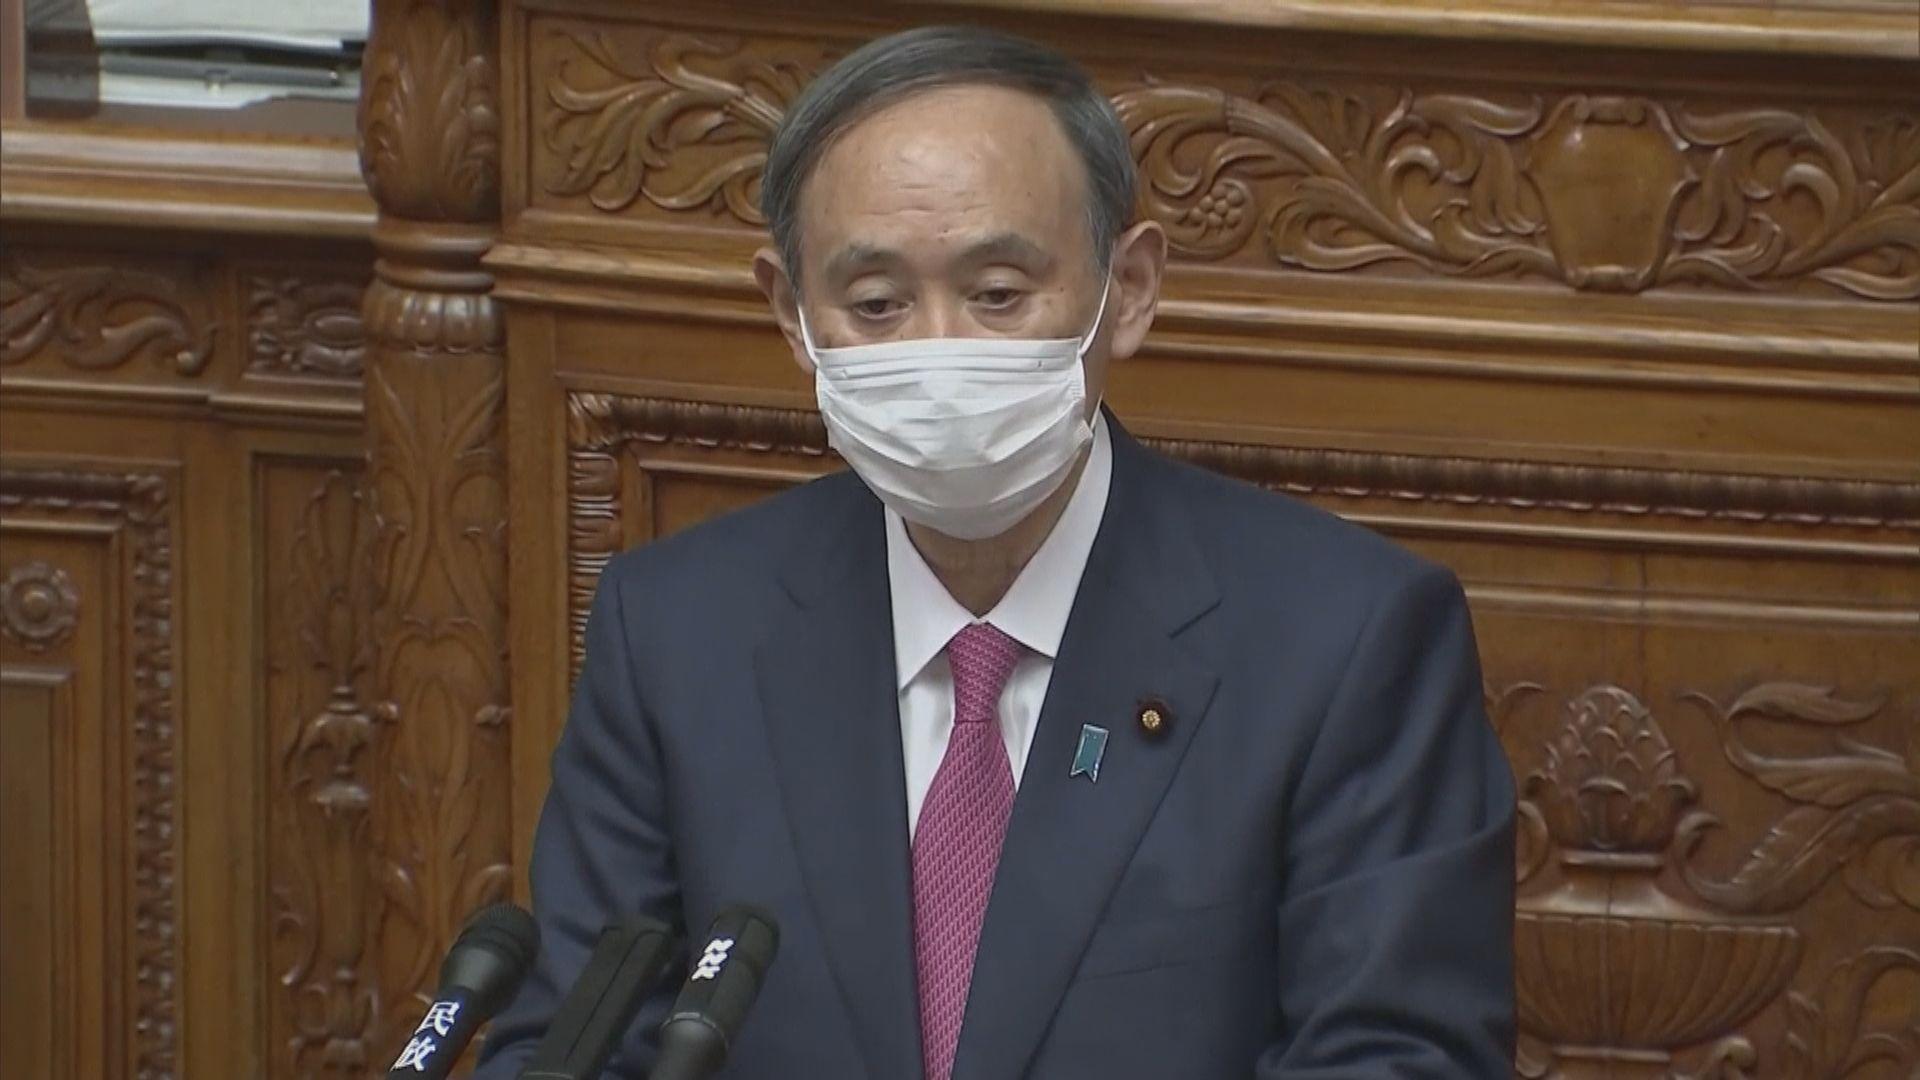 日媒指政府正考慮東京奧運閉門作賽 國際奧委會重申有決心可如期舉行